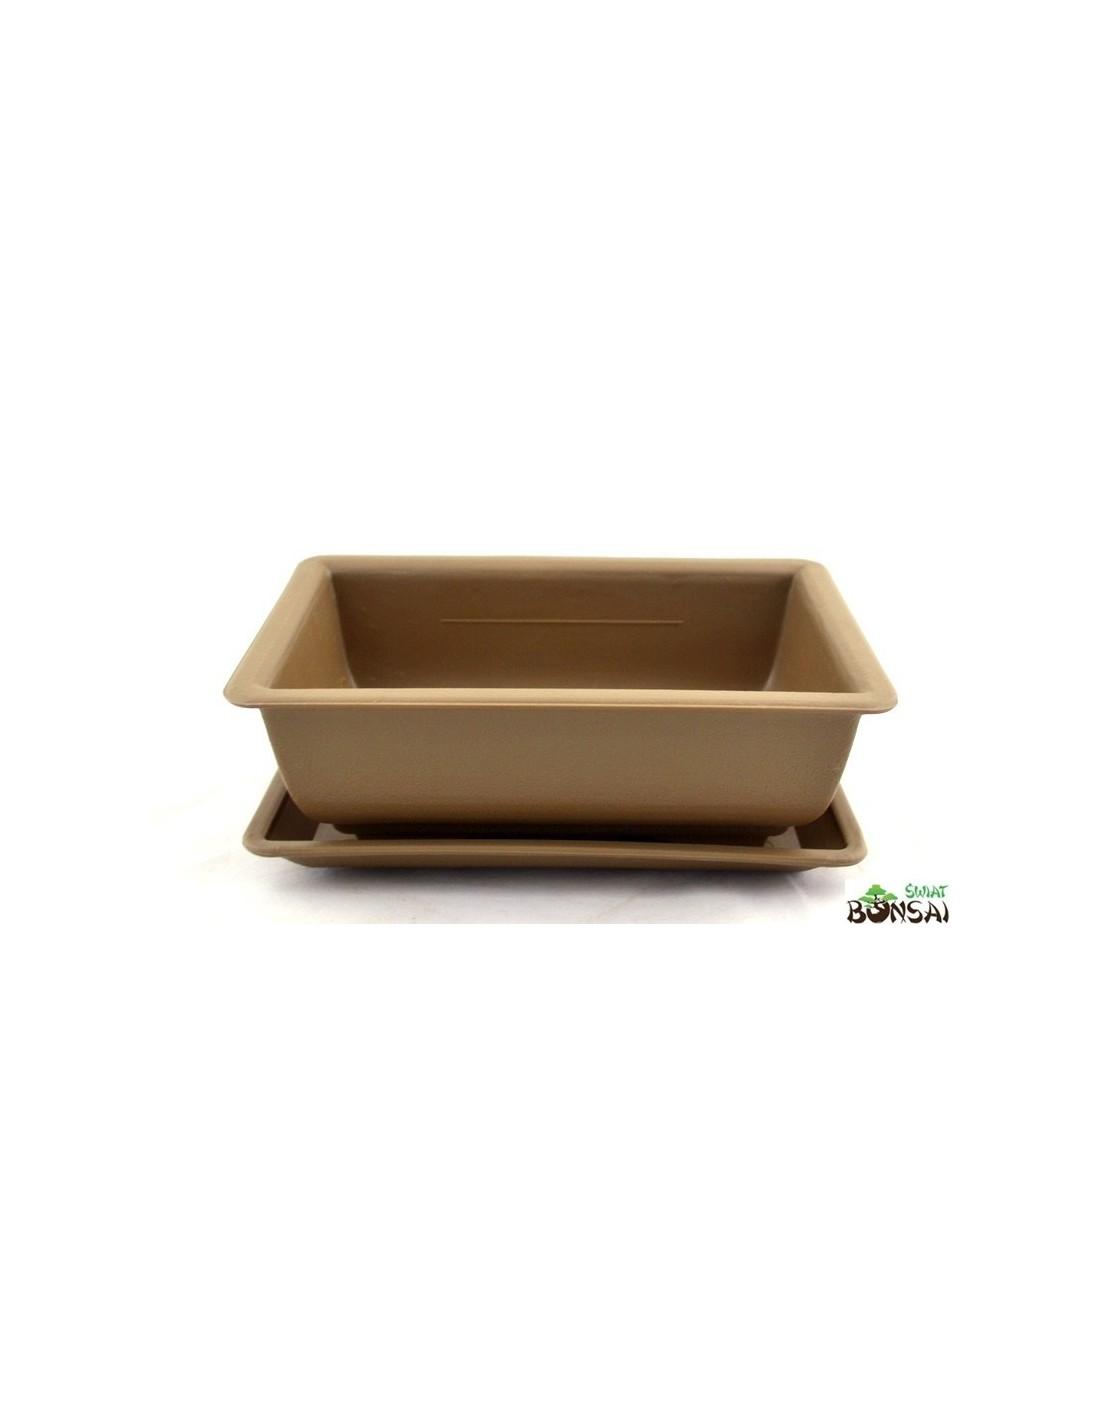 Doniczka Prostokątna świat Bonsai